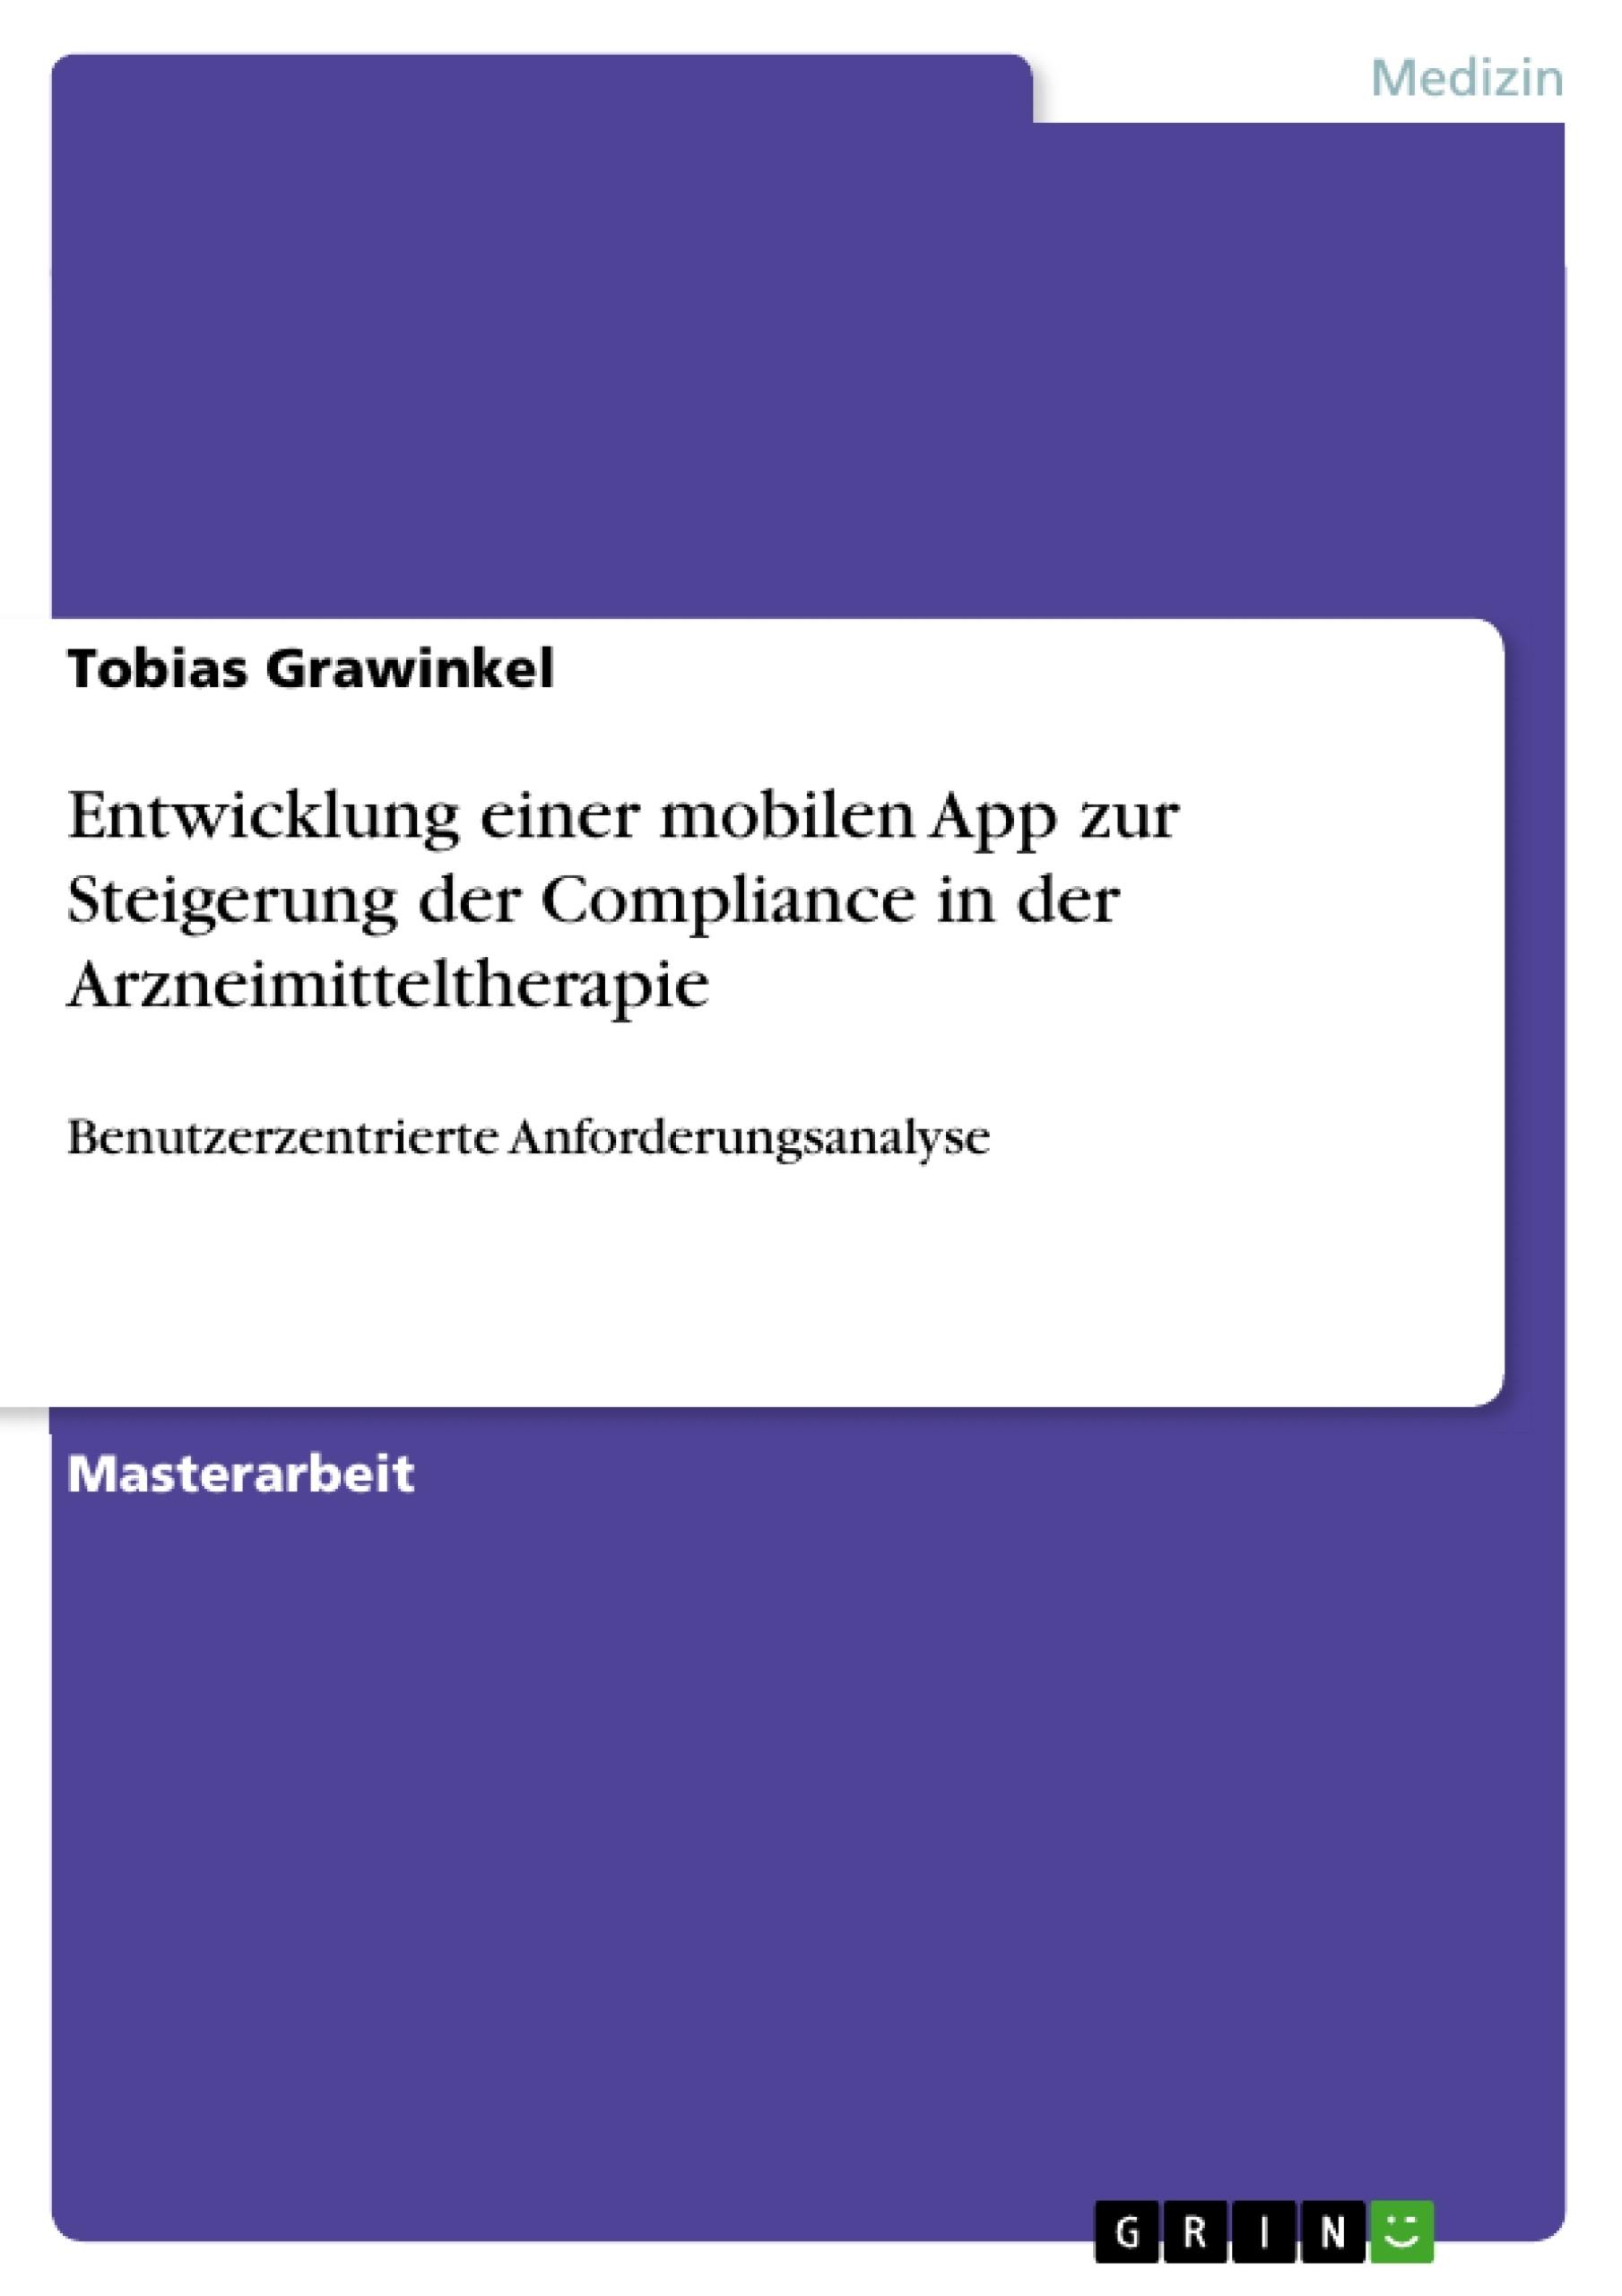 Titel: Entwicklung einer mobilen App zur Steigerung der Compliance in der Arzneimitteltherapie